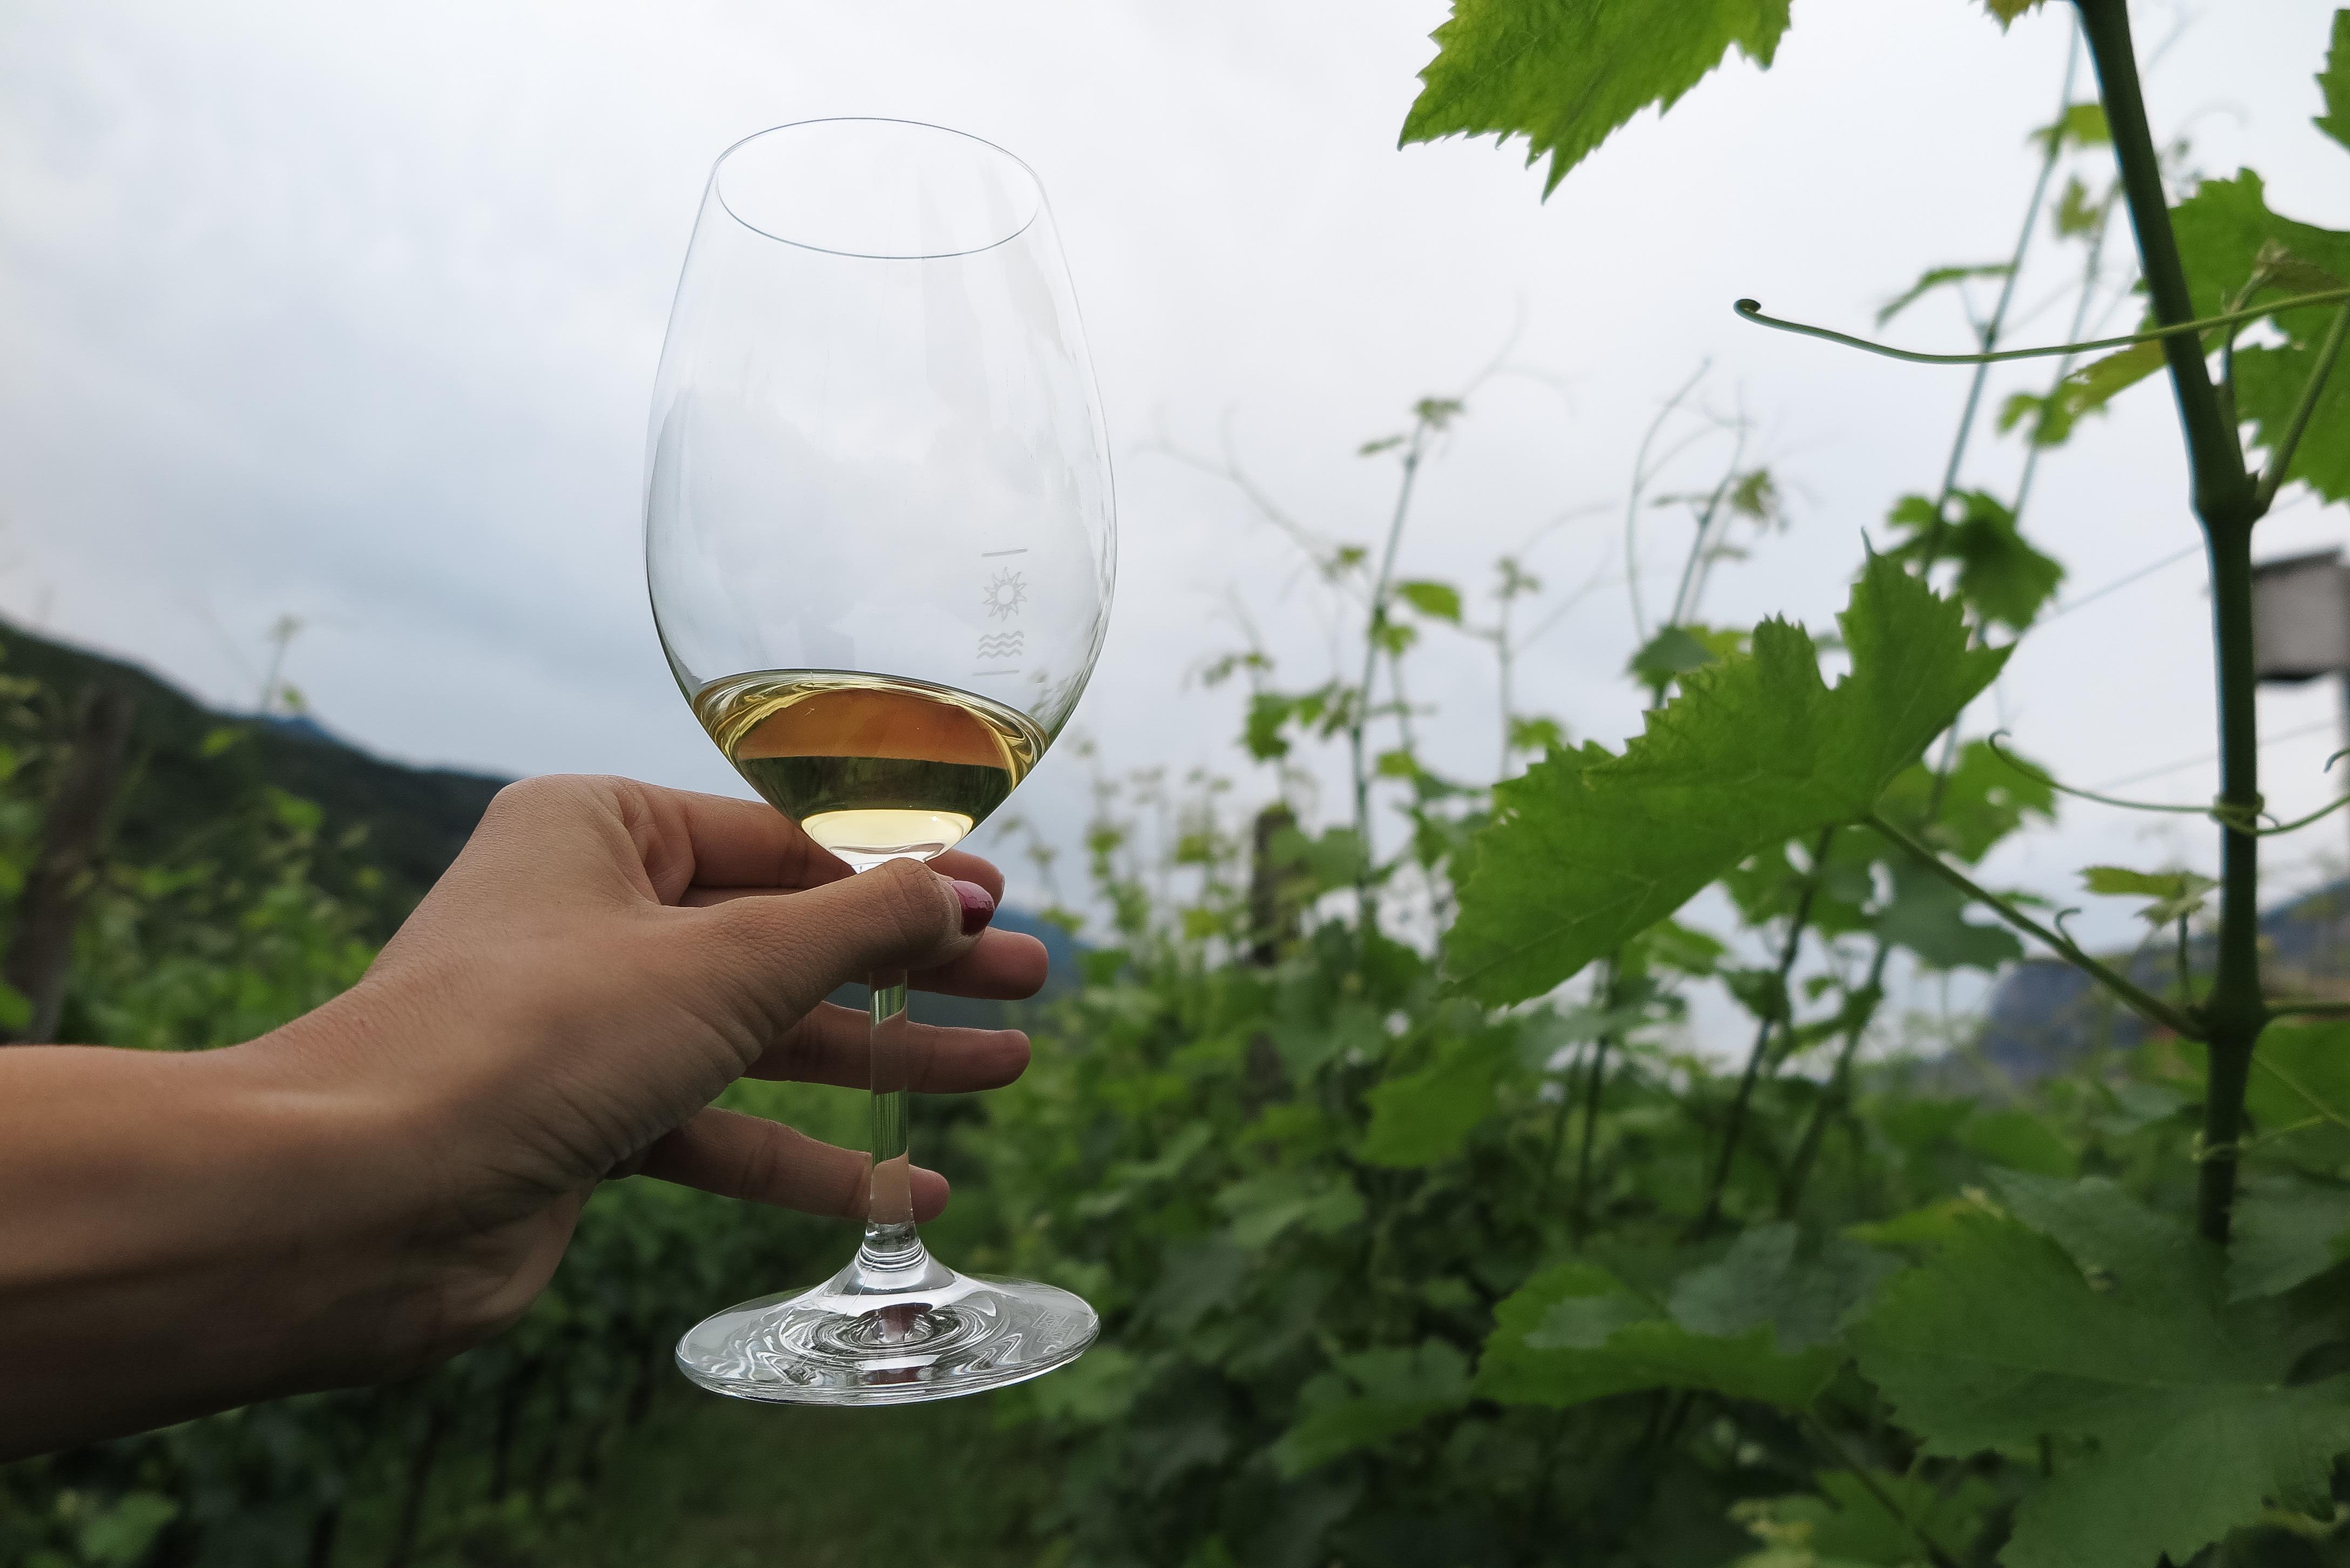 vino, vino italiana, italian whine, vino blanco, gino pedrotti azienda agricola, italia, trentino, expo riva schuh 86, cristina blanco, guiadeestilo